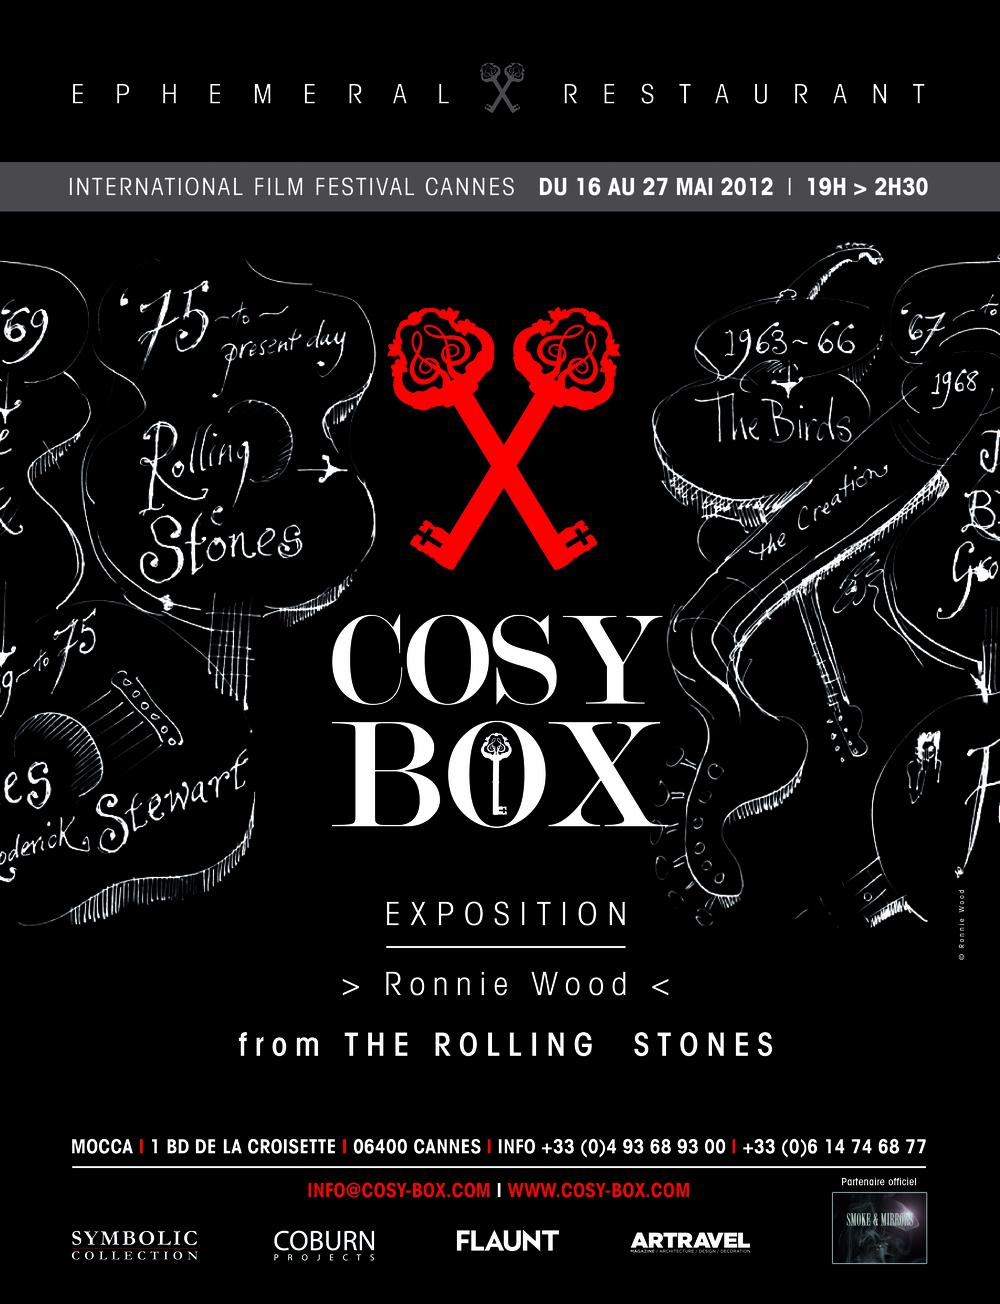 ANNONCE PRESSE 3 cosy box 2012.jpg